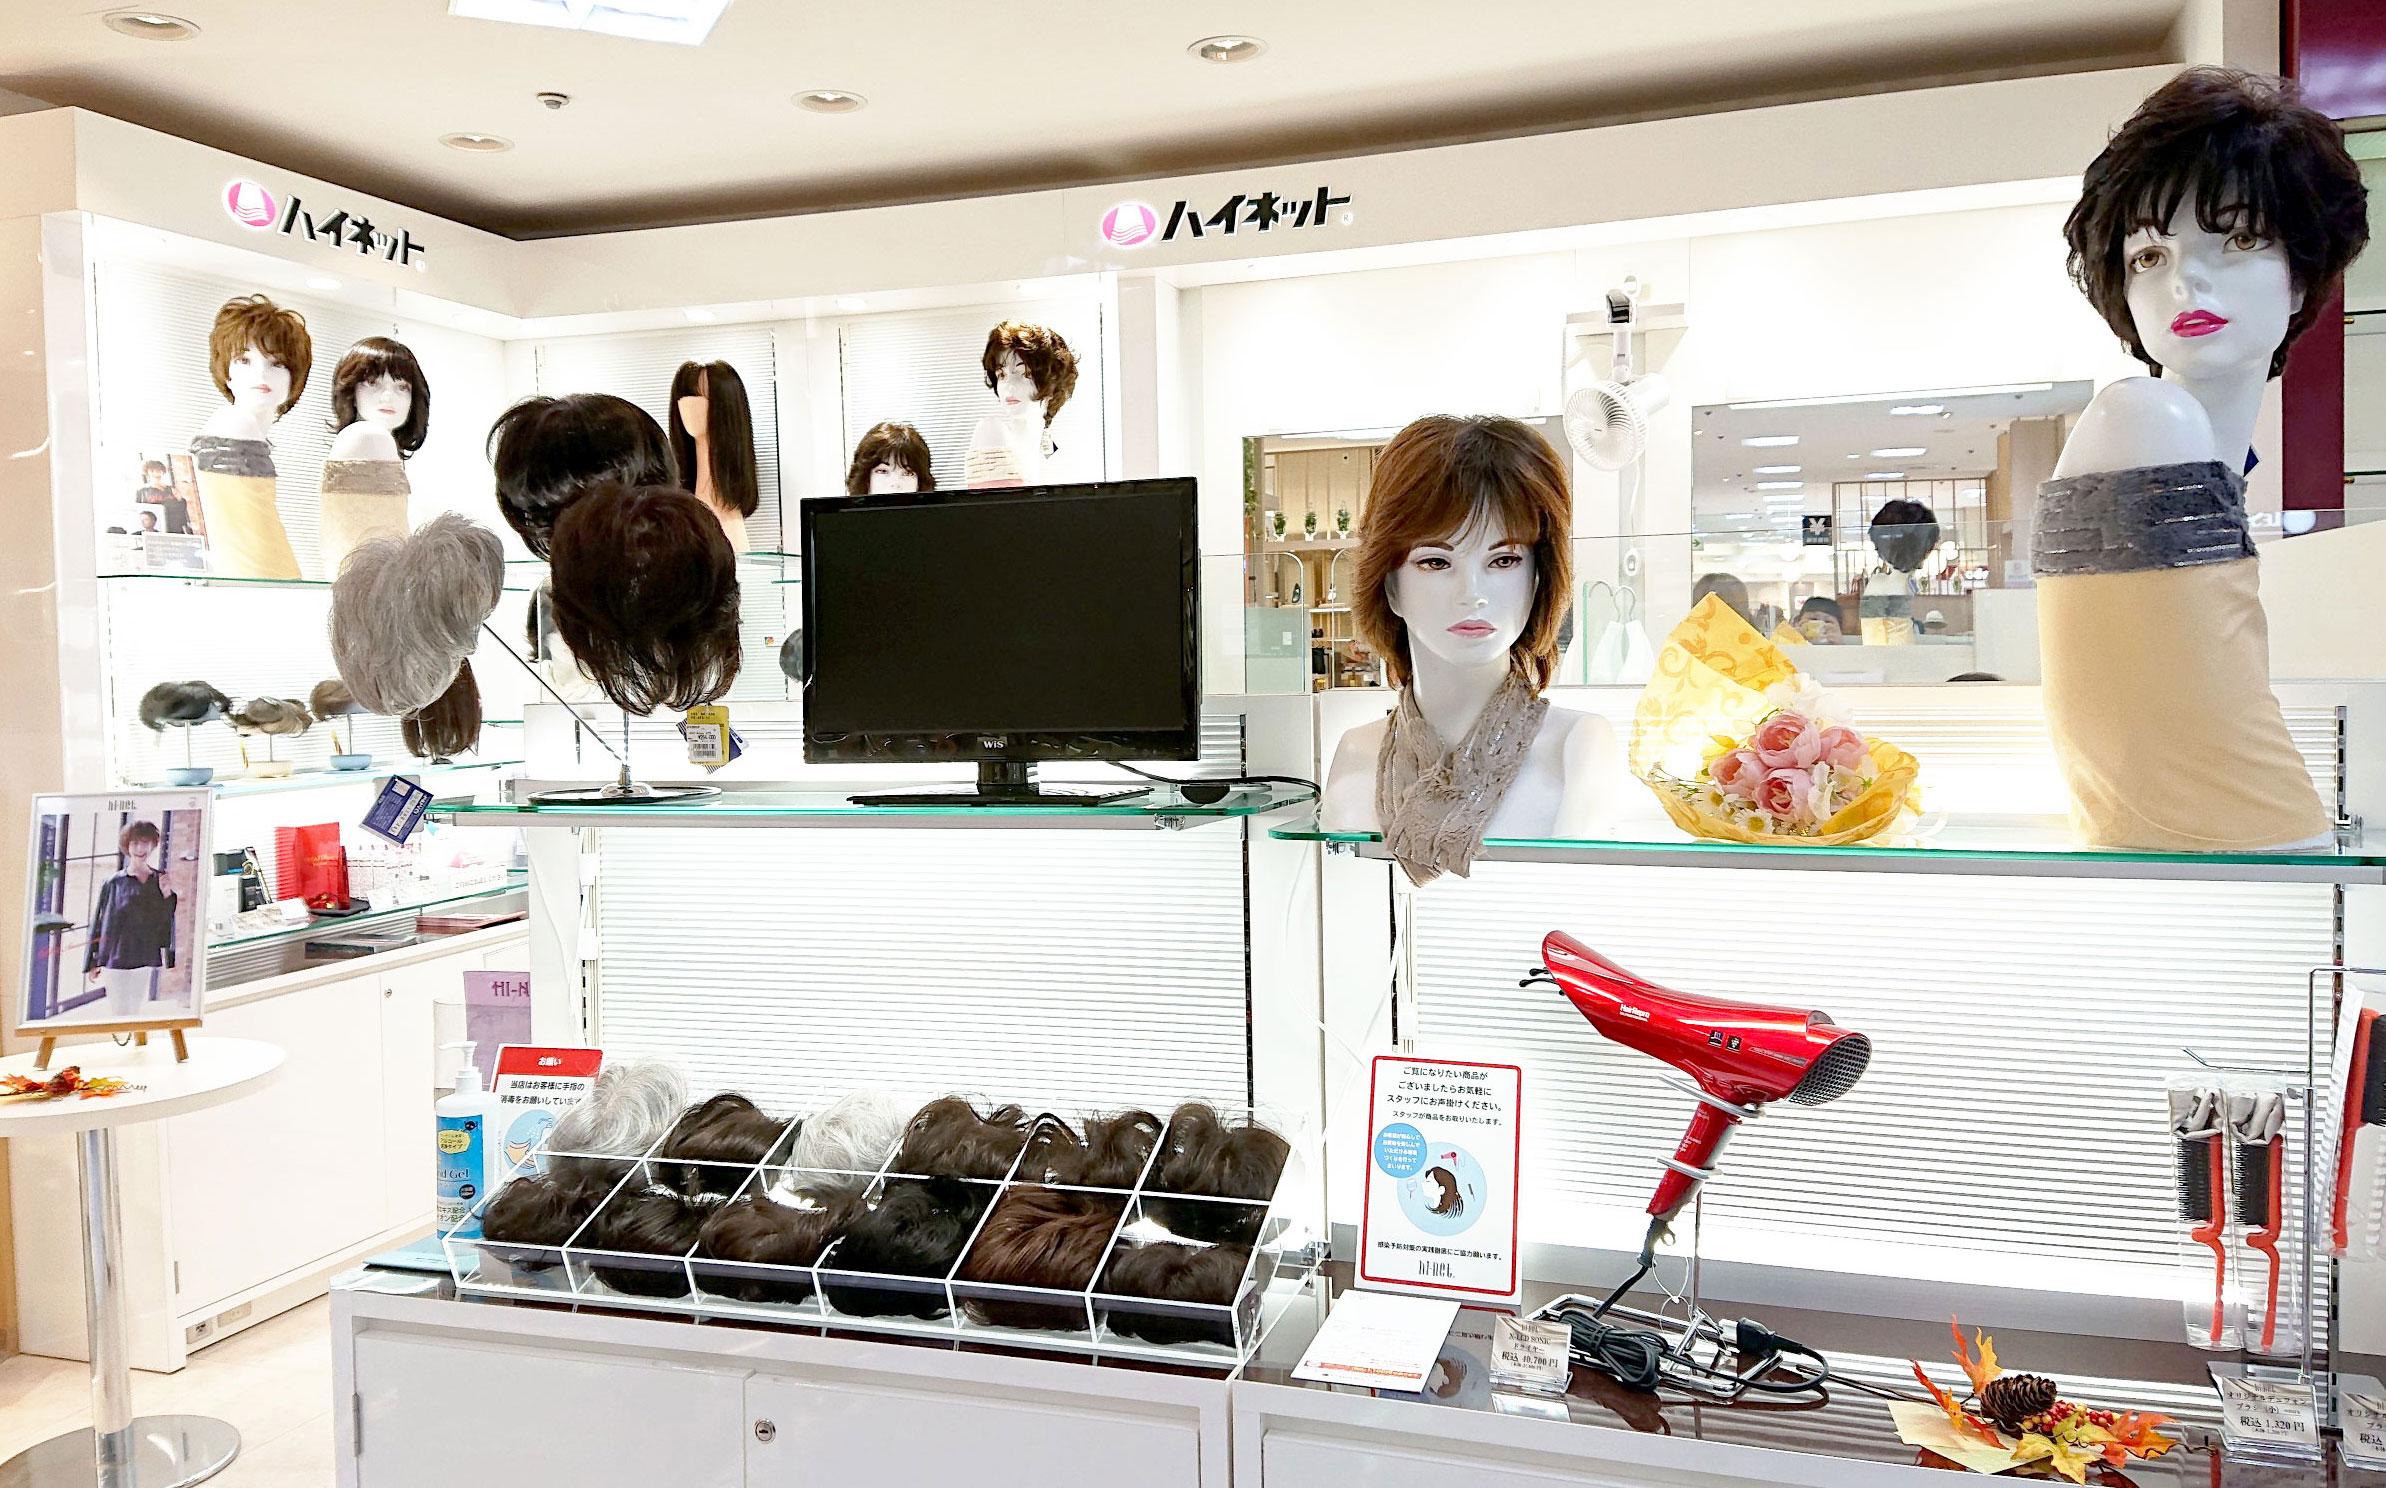 鳥取大丸店 1階 <br>ウイッグサロン ハイネット<br> 閉店のお知らせ